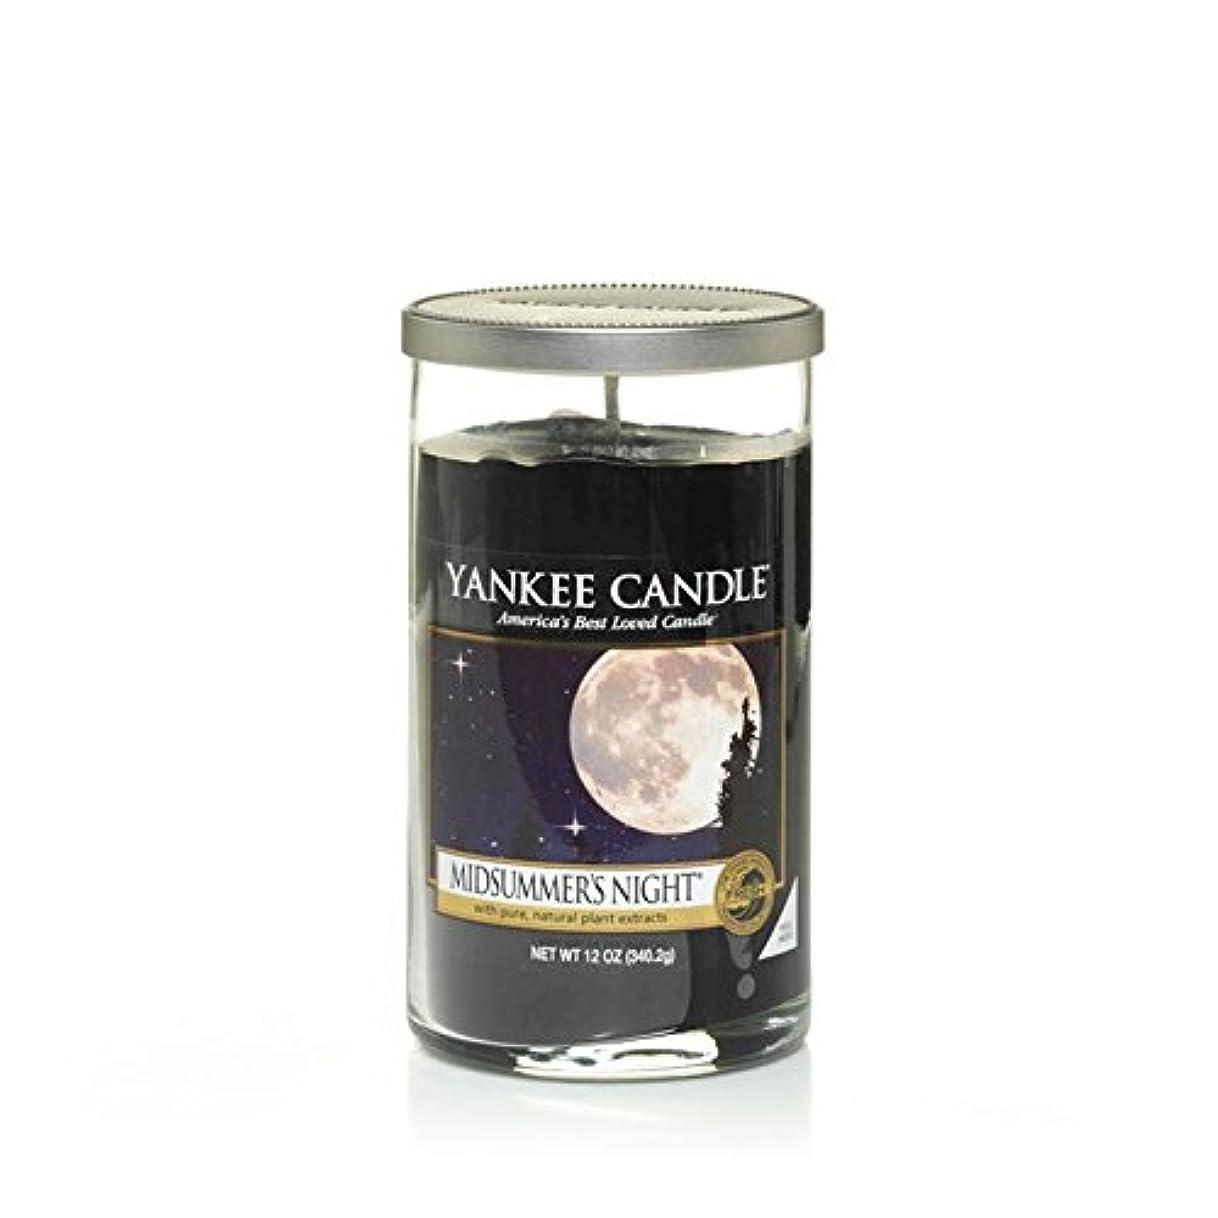 分類雑多な付与ヤンキーキャンドルメディアピラーキャンドル - Midsummersの夜 - Yankee Candles Medium Pillar Candle - Midsummers Night (Yankee Candles)...